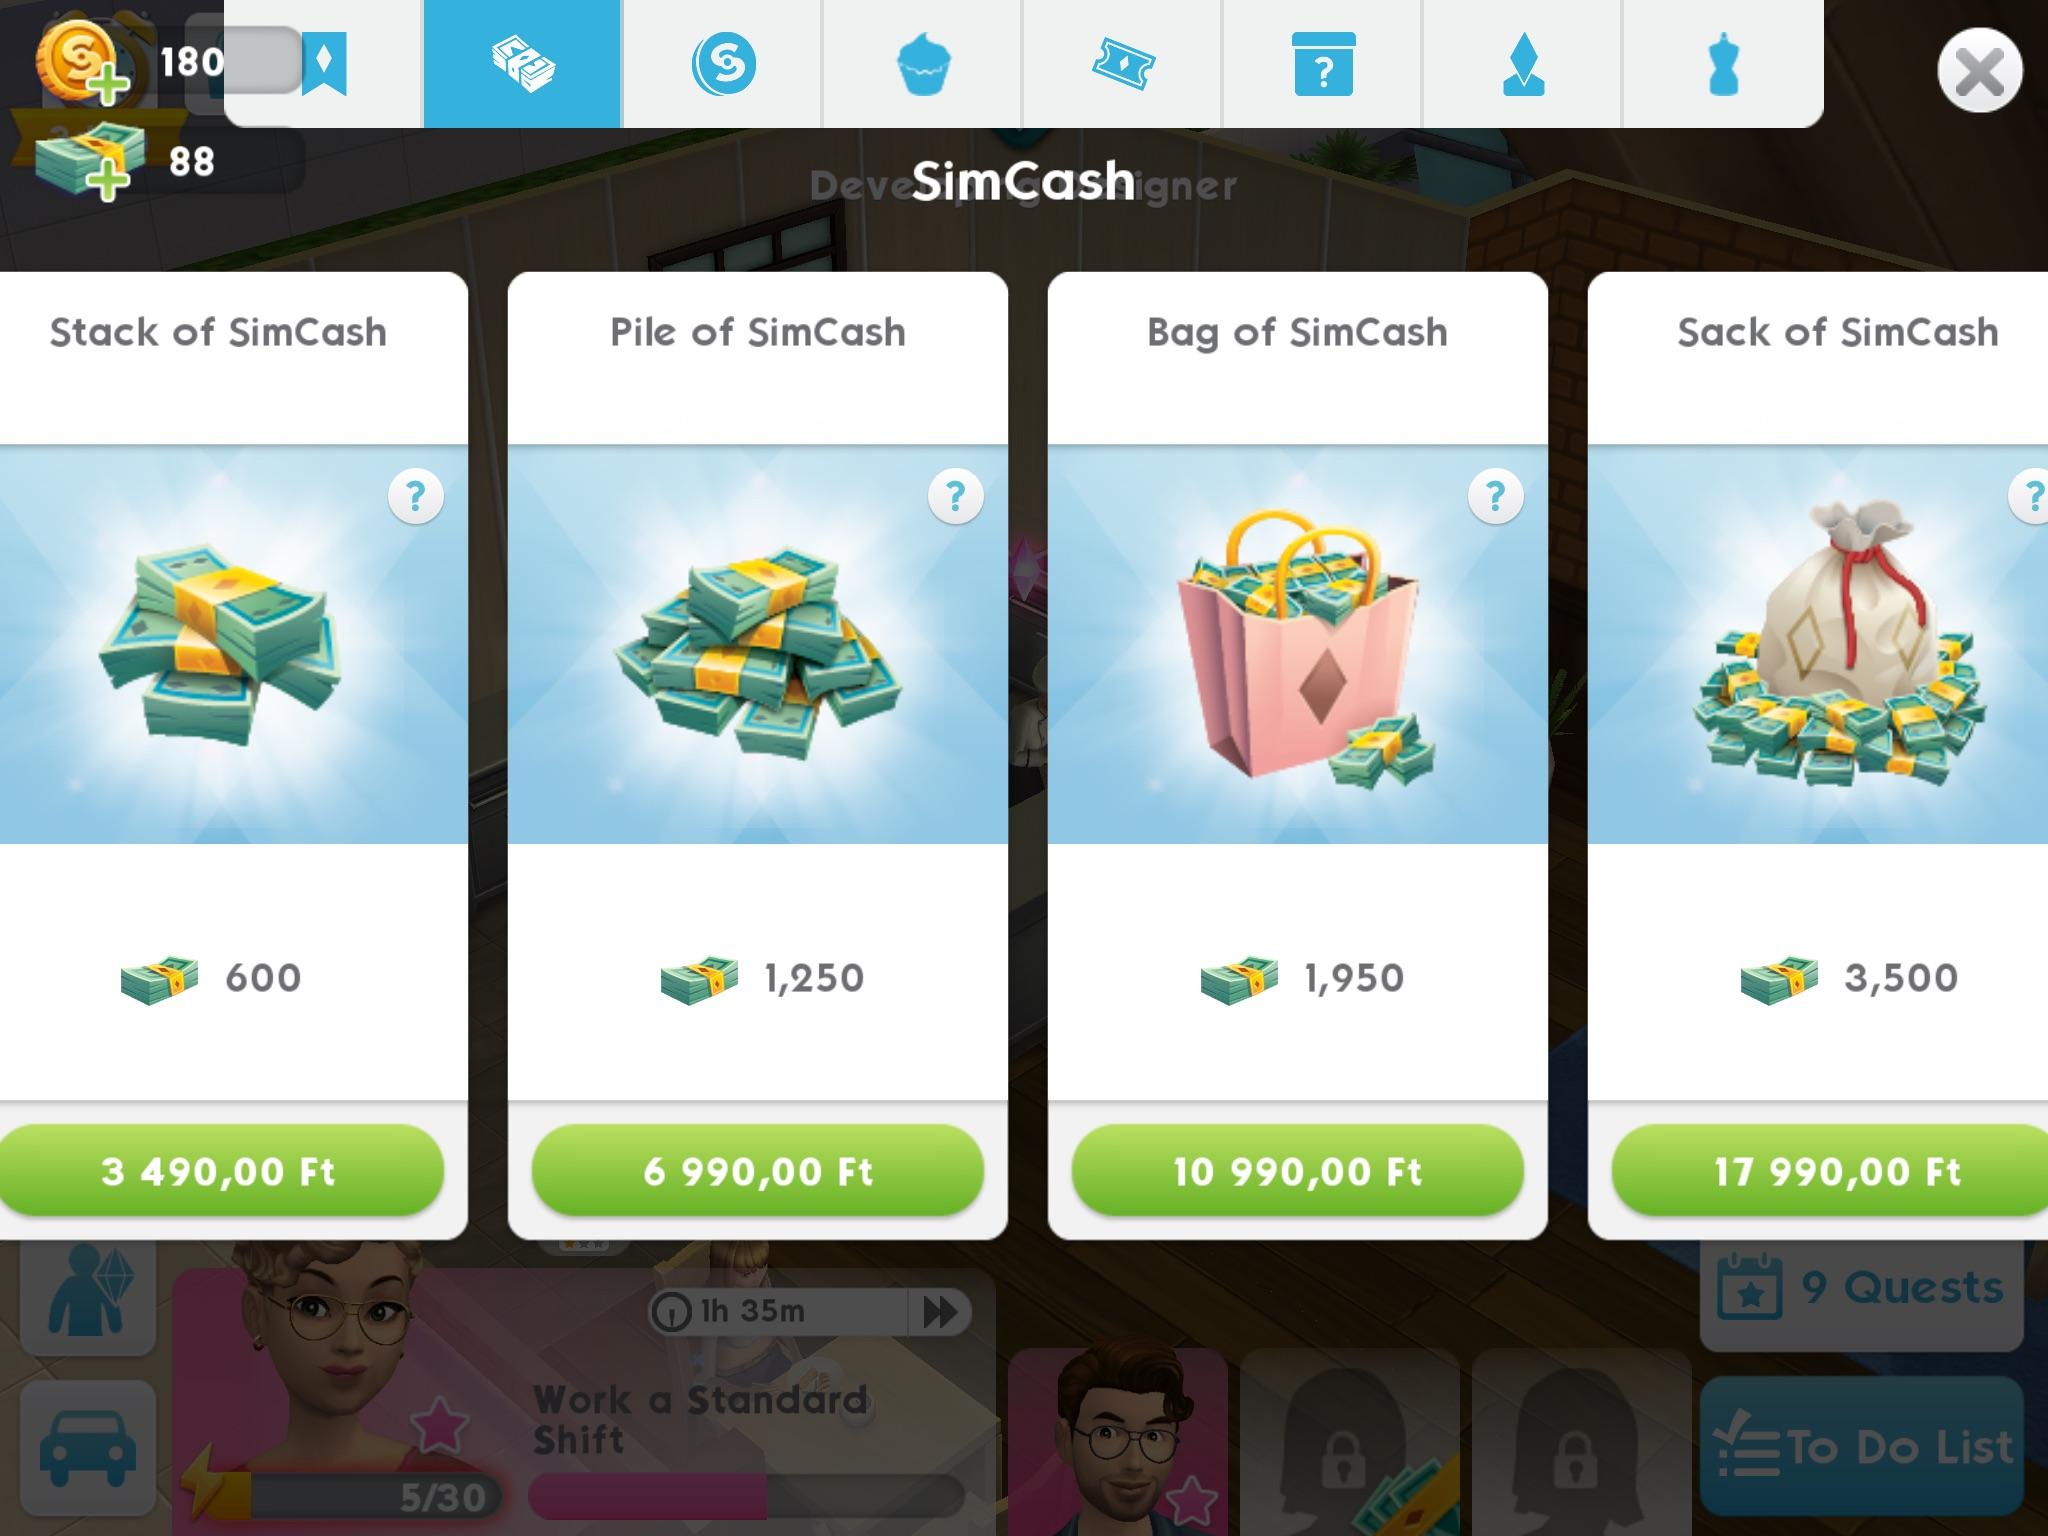 Sims freeplay randevú házasok között happn társkereső alkalmazás letöltése